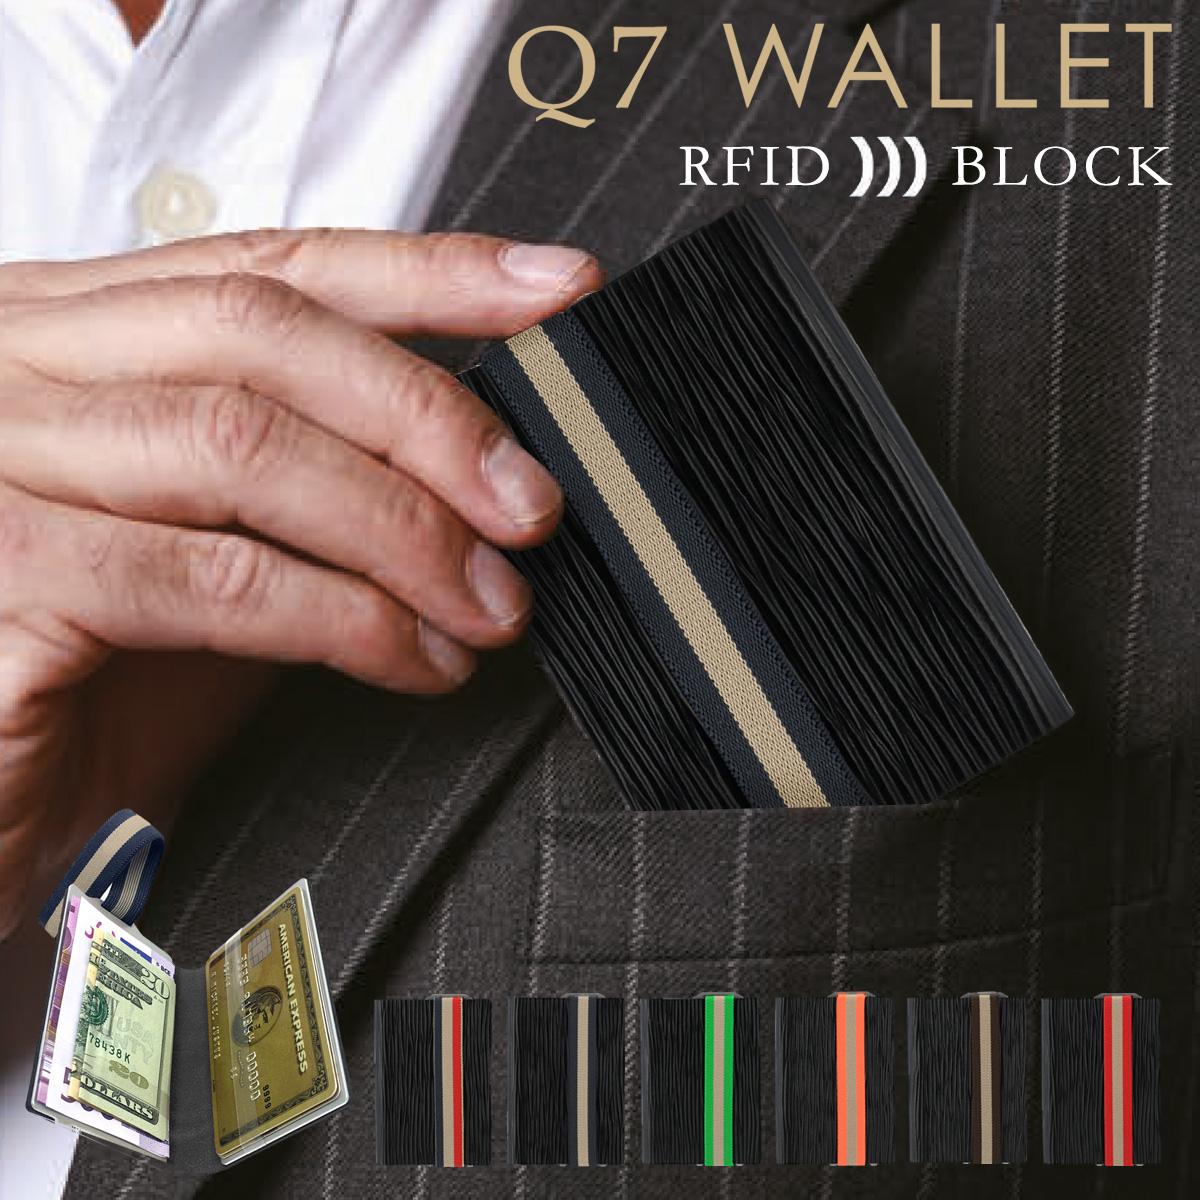 Q7 WALLET カードケース メンズ ドイツ製 510040 本革|カードプロテクター RFID スキミング防止 キューセブン ウォレット[bef][即日発送]